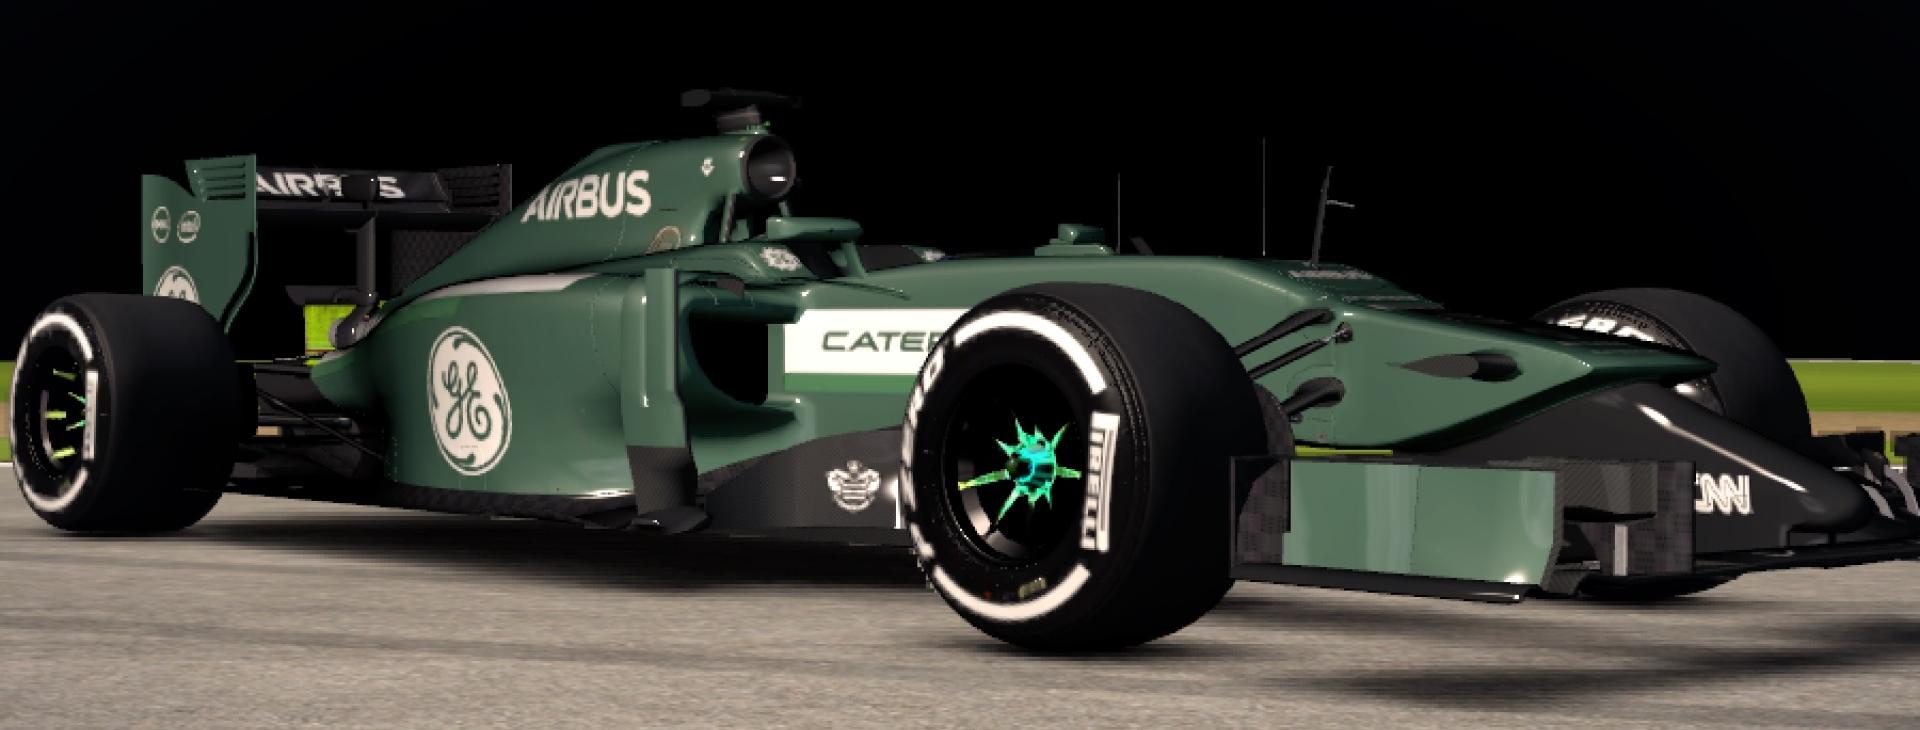 F1_2014 2015-07-18 12-13-41-420.jpg